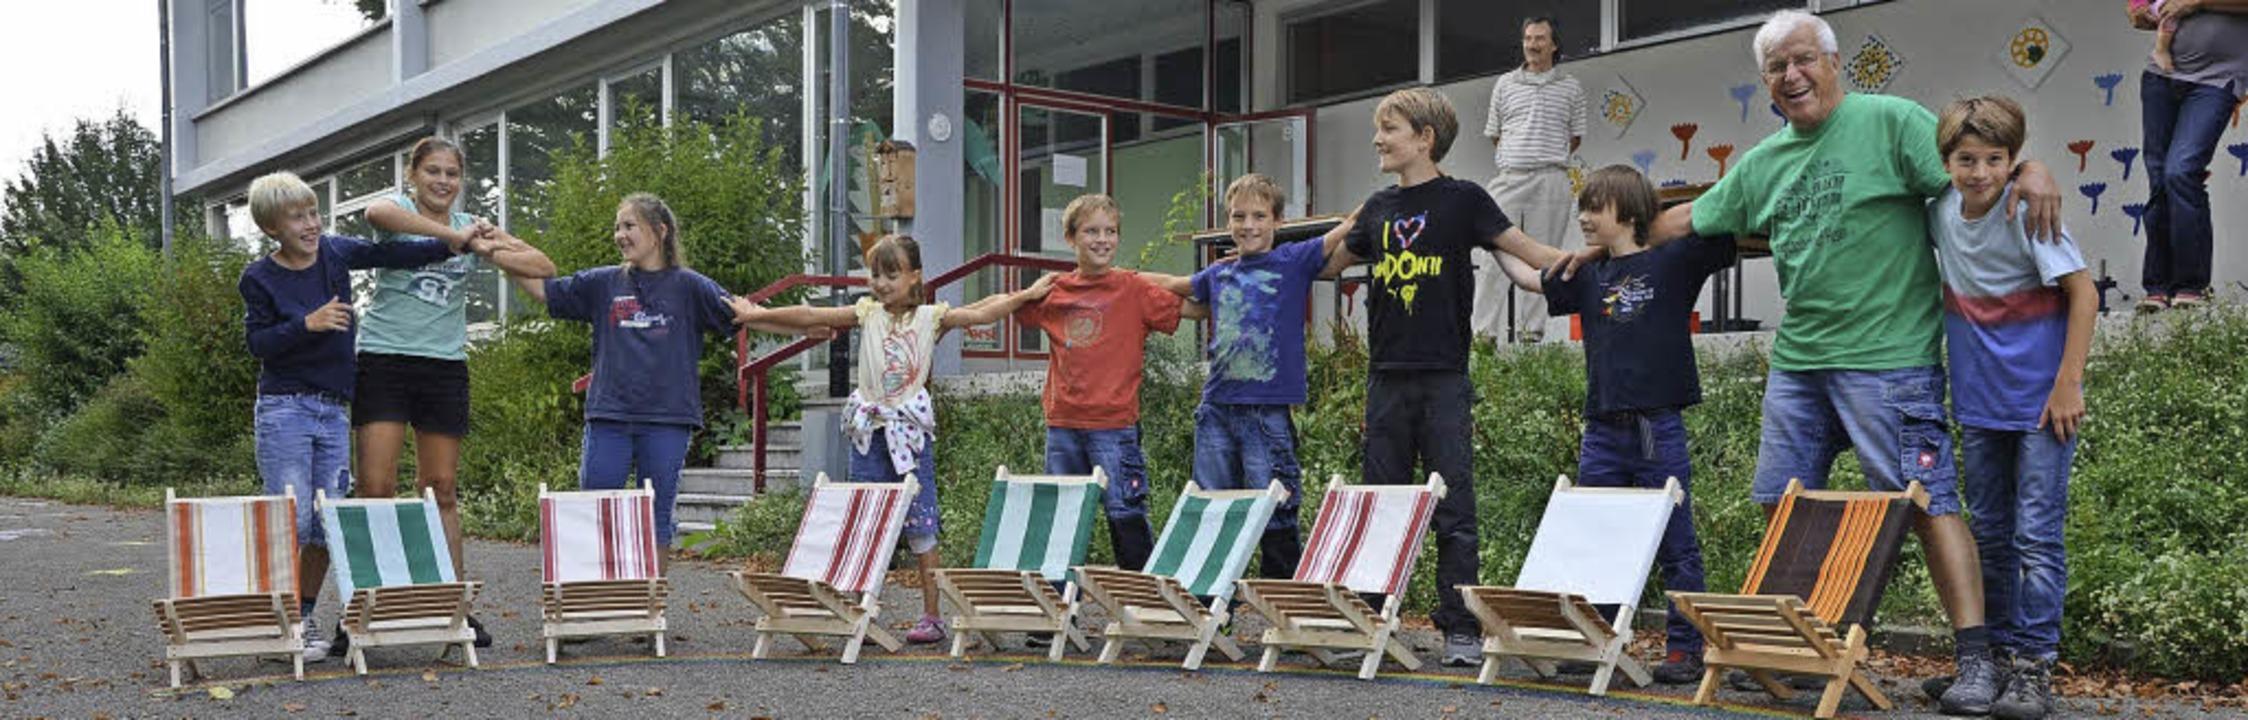 Beim Bauen von Sonnenstühlen mit &#822...8220; hatten die Kinder viele Freude.   | Foto: zvg